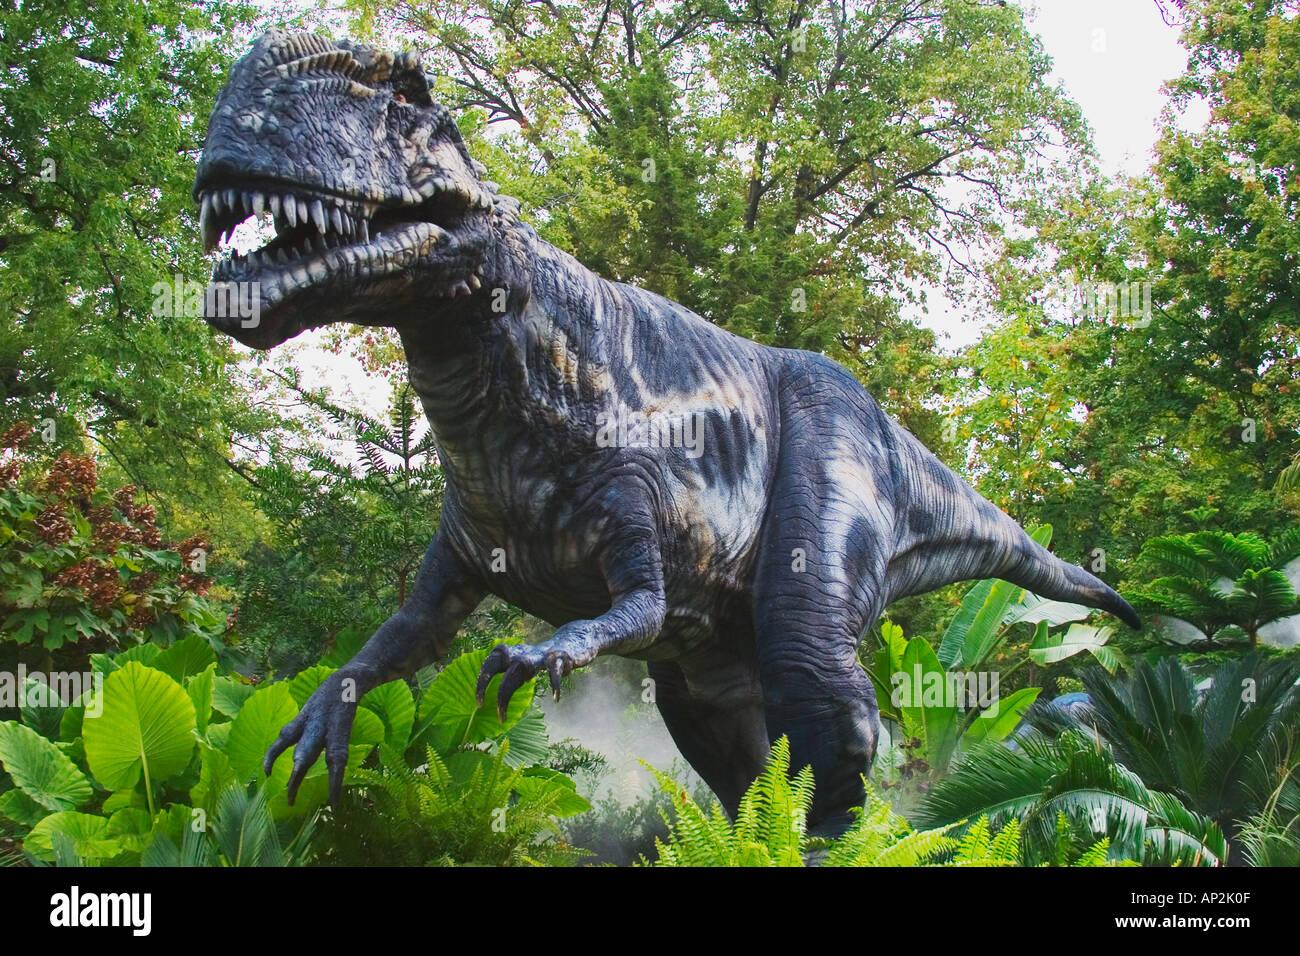 El primer dinosaurio Megalosaurus a ser nombre en 1824, este dinosaurio es desde mediados del período jurásico Growes hasta una longitud de 30 fee Imagen De Stock